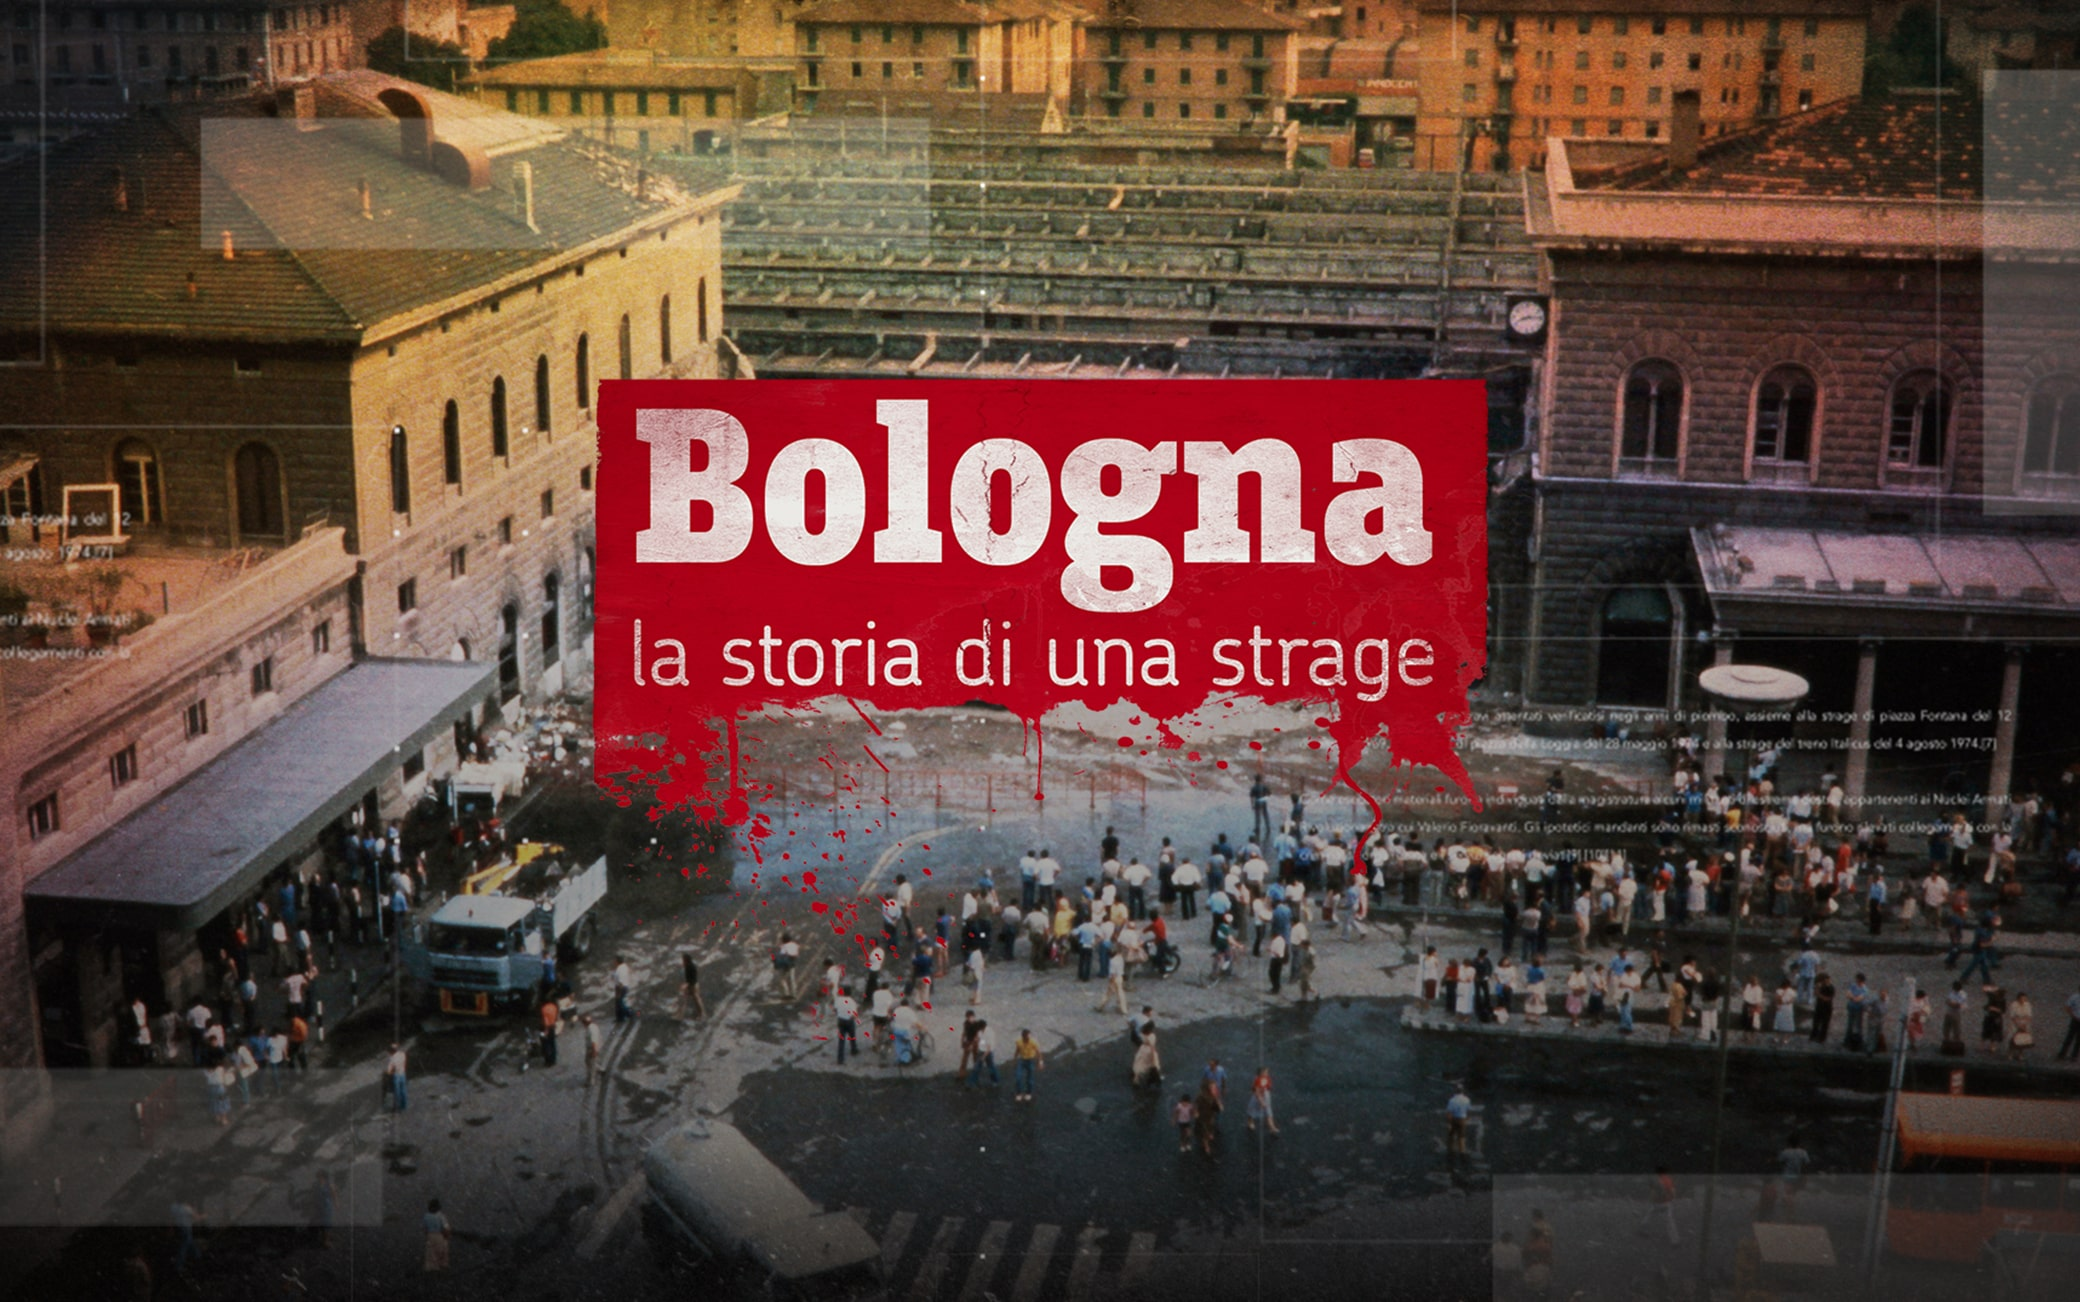 Bologna, 2 agosto 1980: storia di una strage